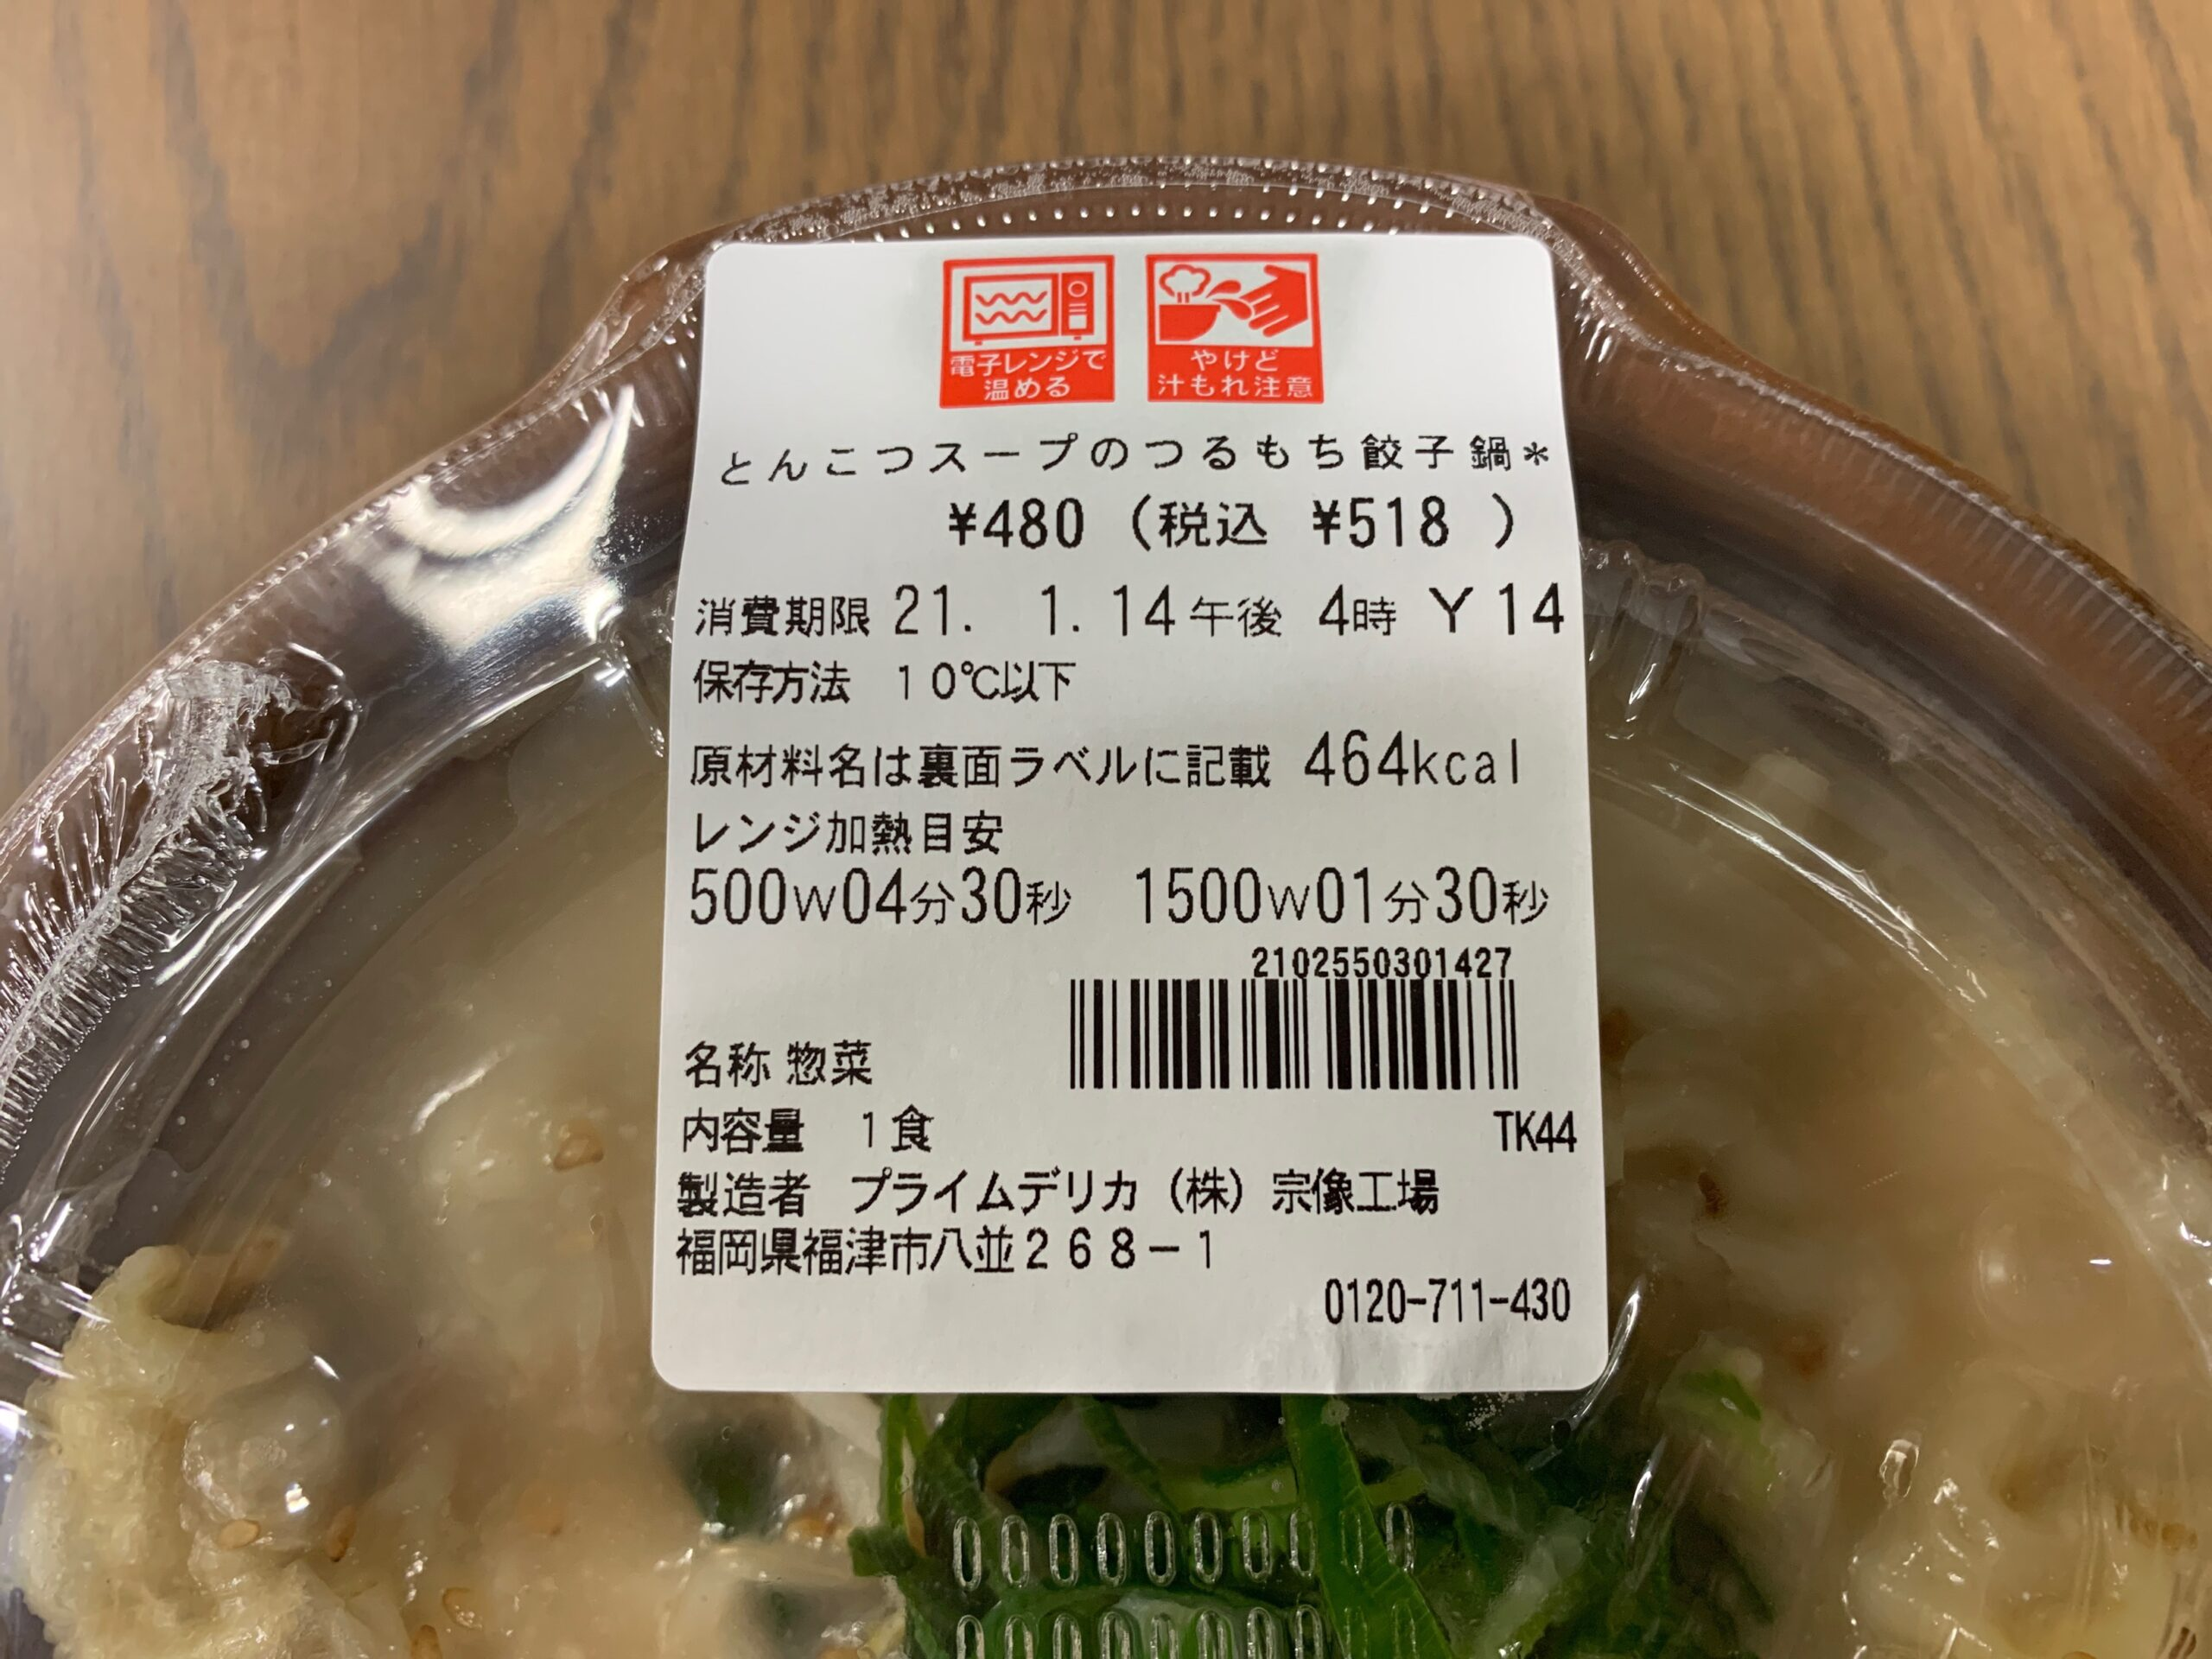 とんこつスープのつるもち餃子鍋の価格